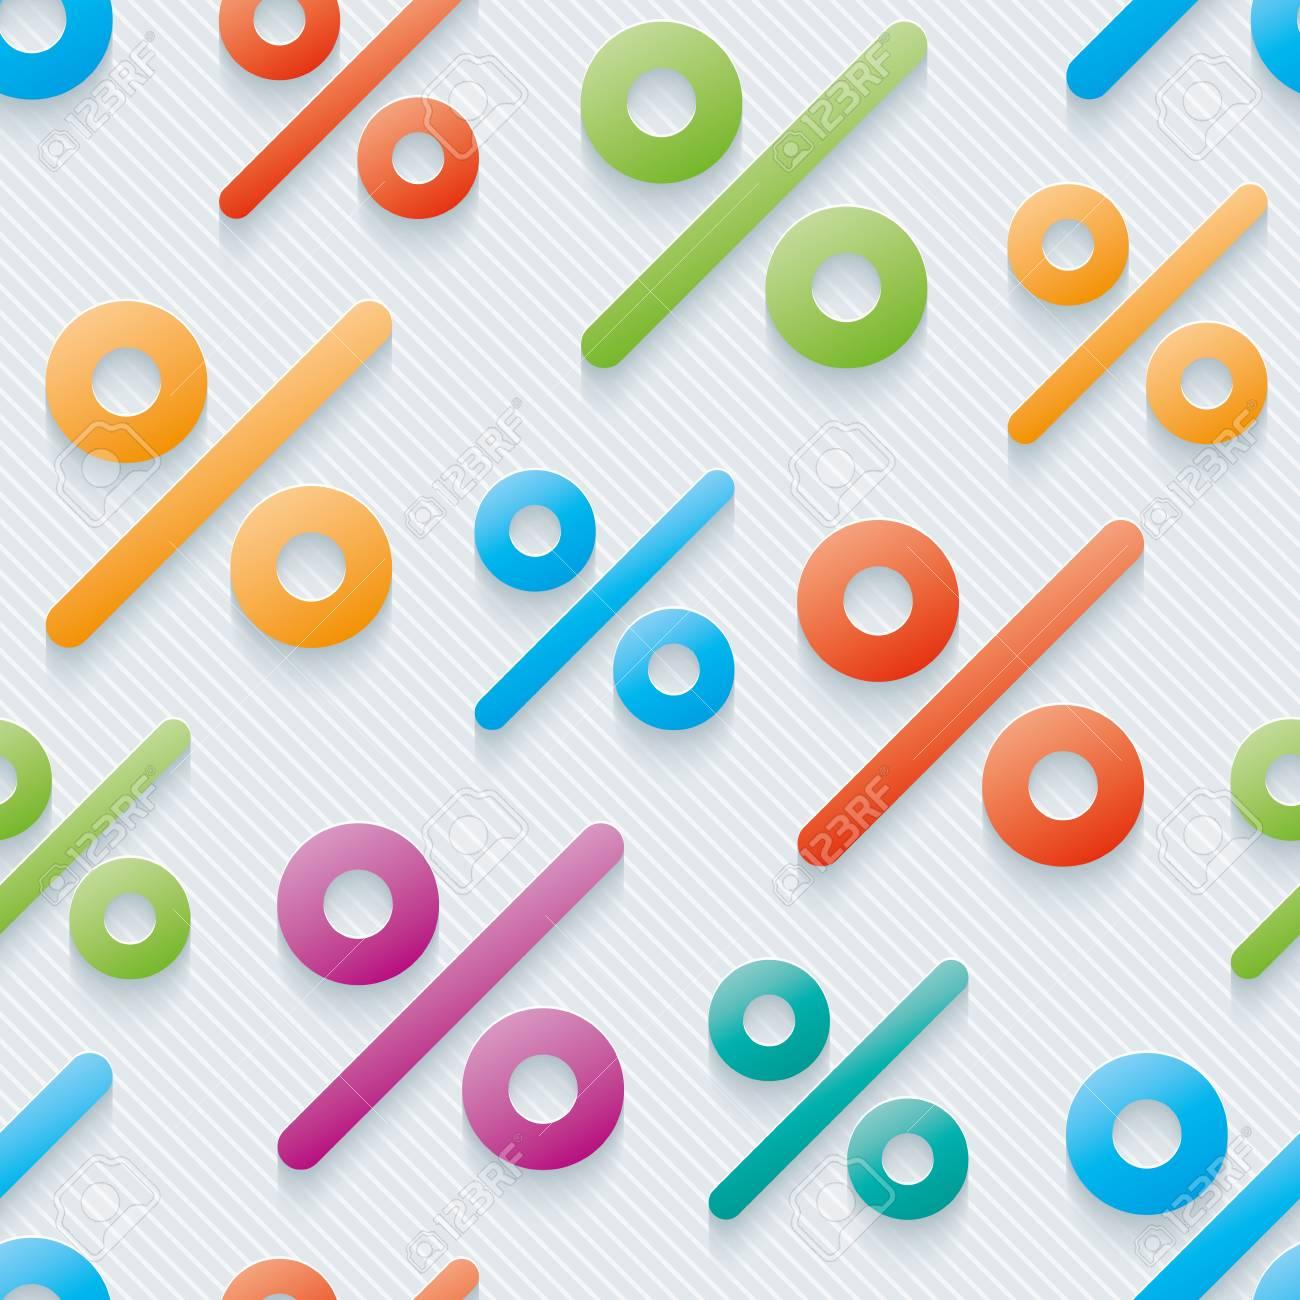 Multicolor Percent Symbols Wallpaper 3d Seamless Background 1300x1300